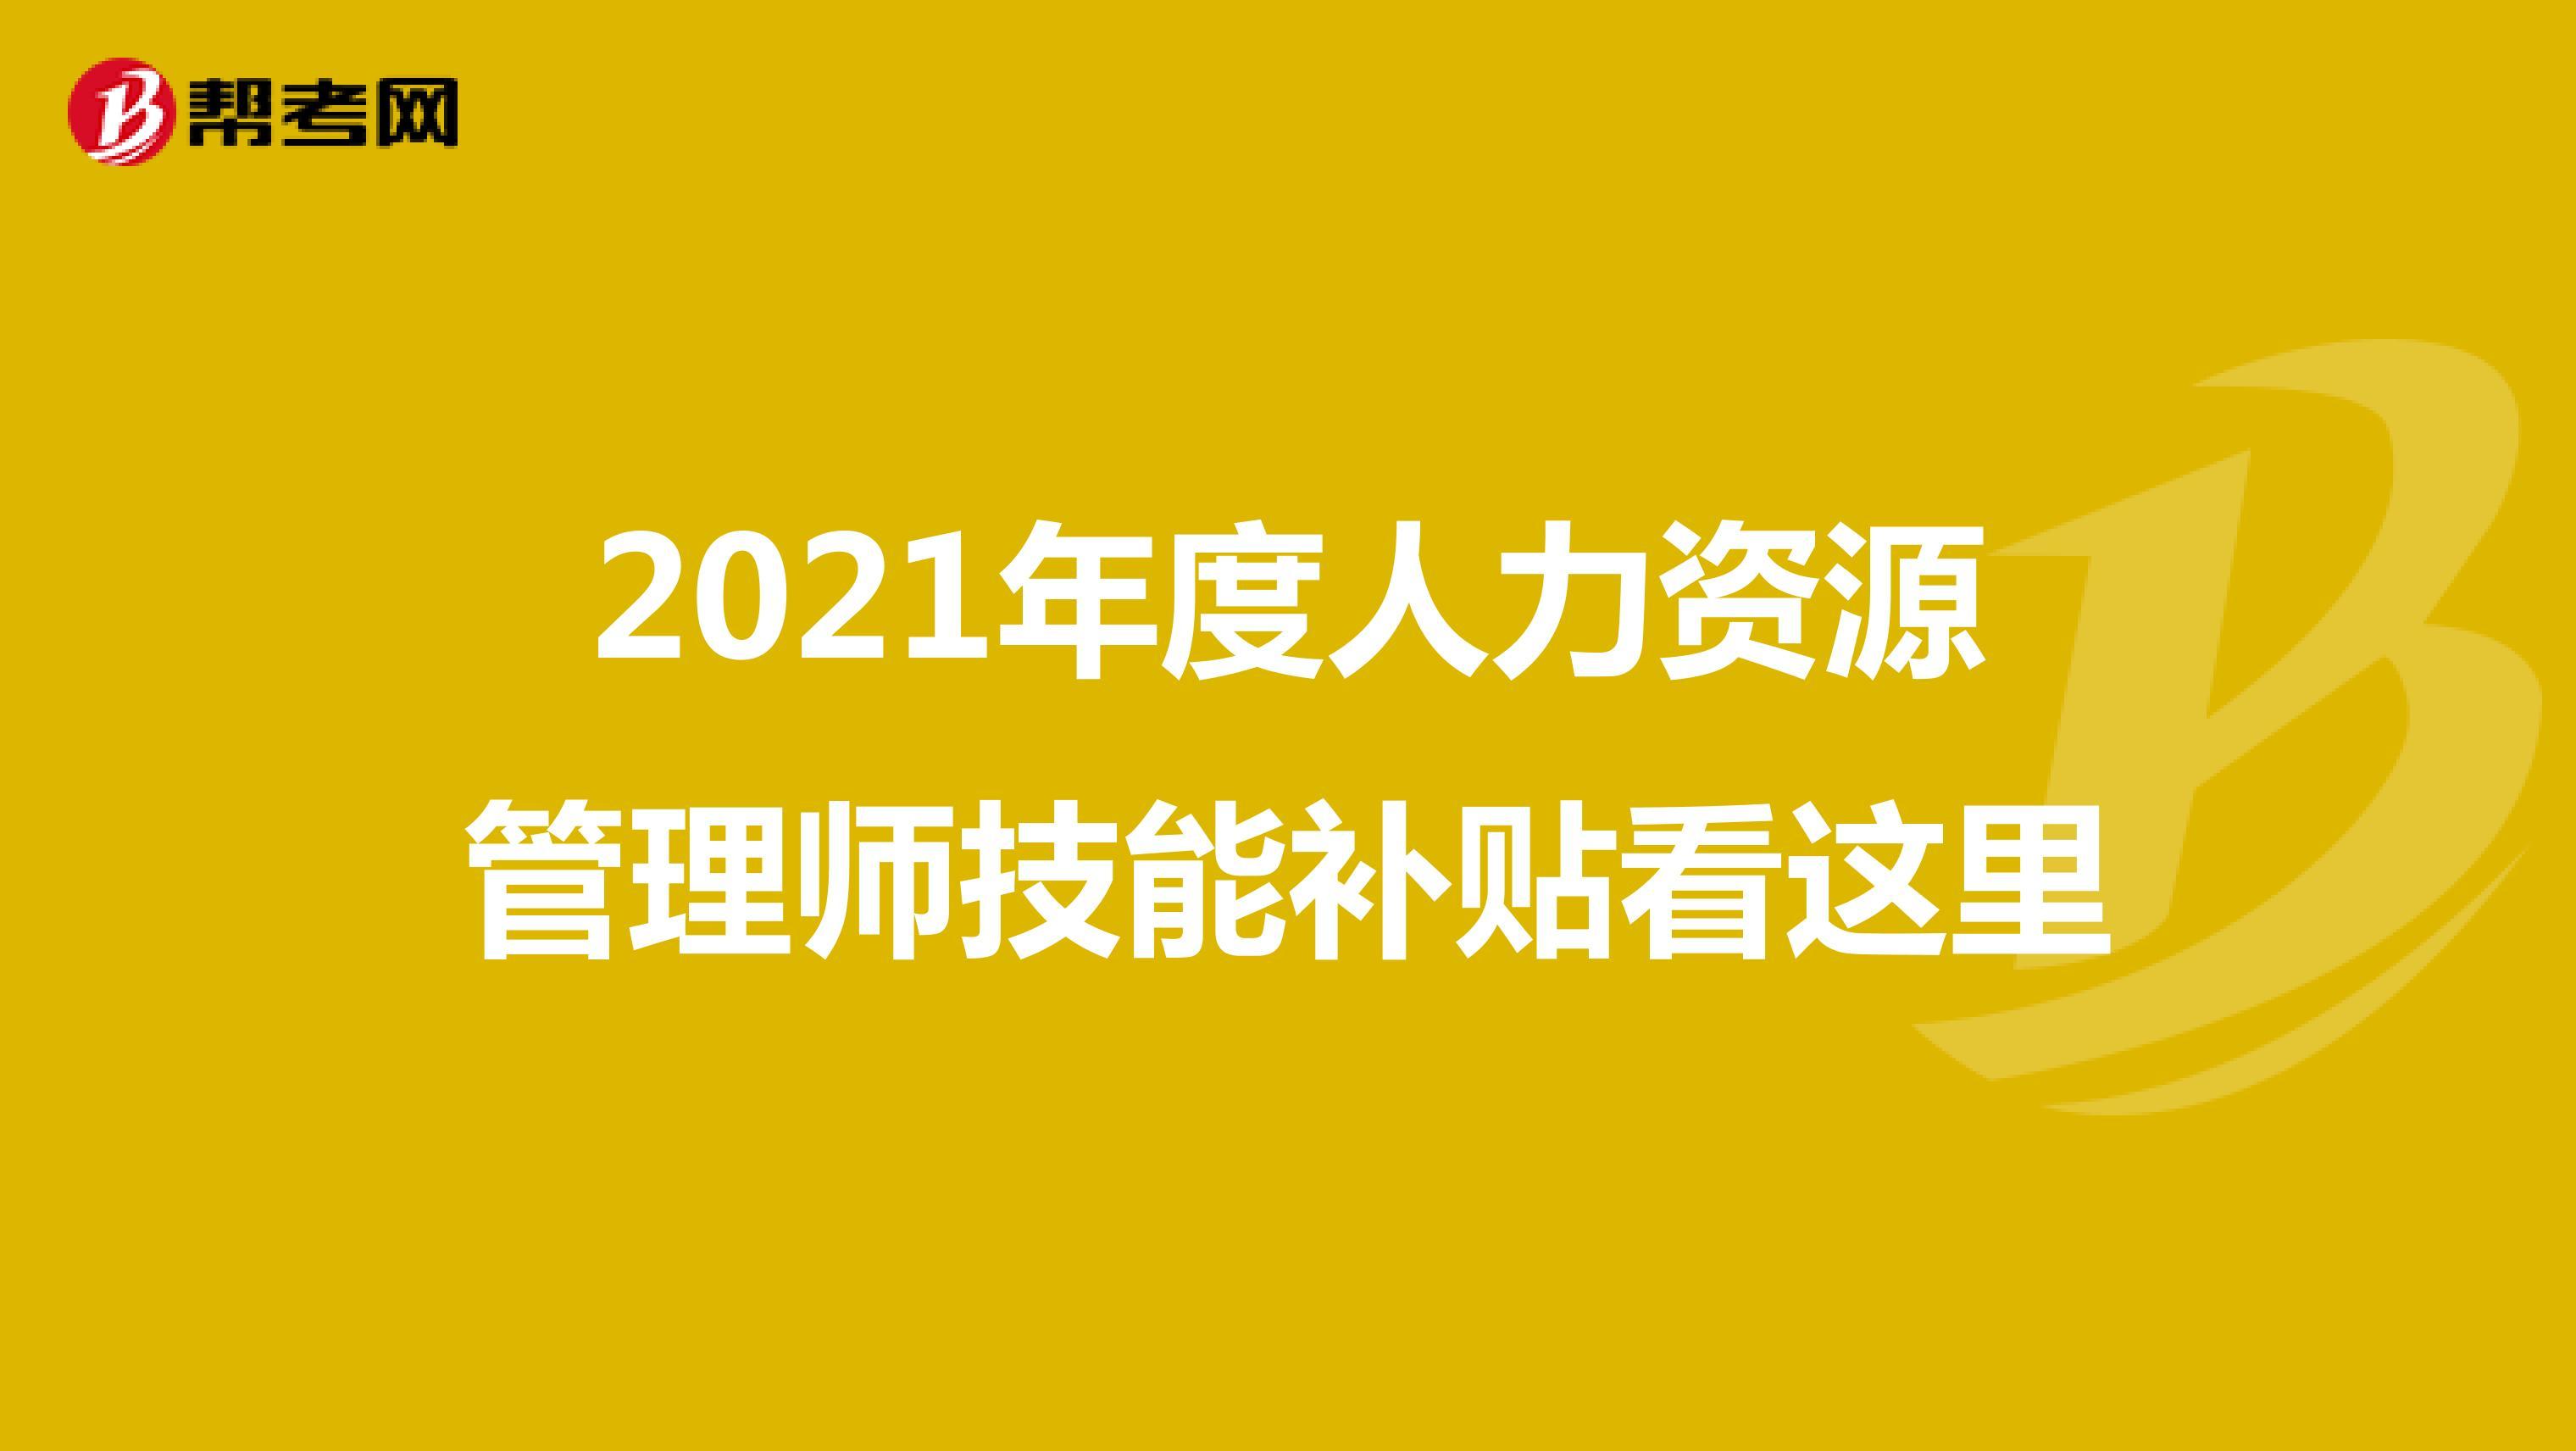 2021年度人力資源管理師技能補貼看這里